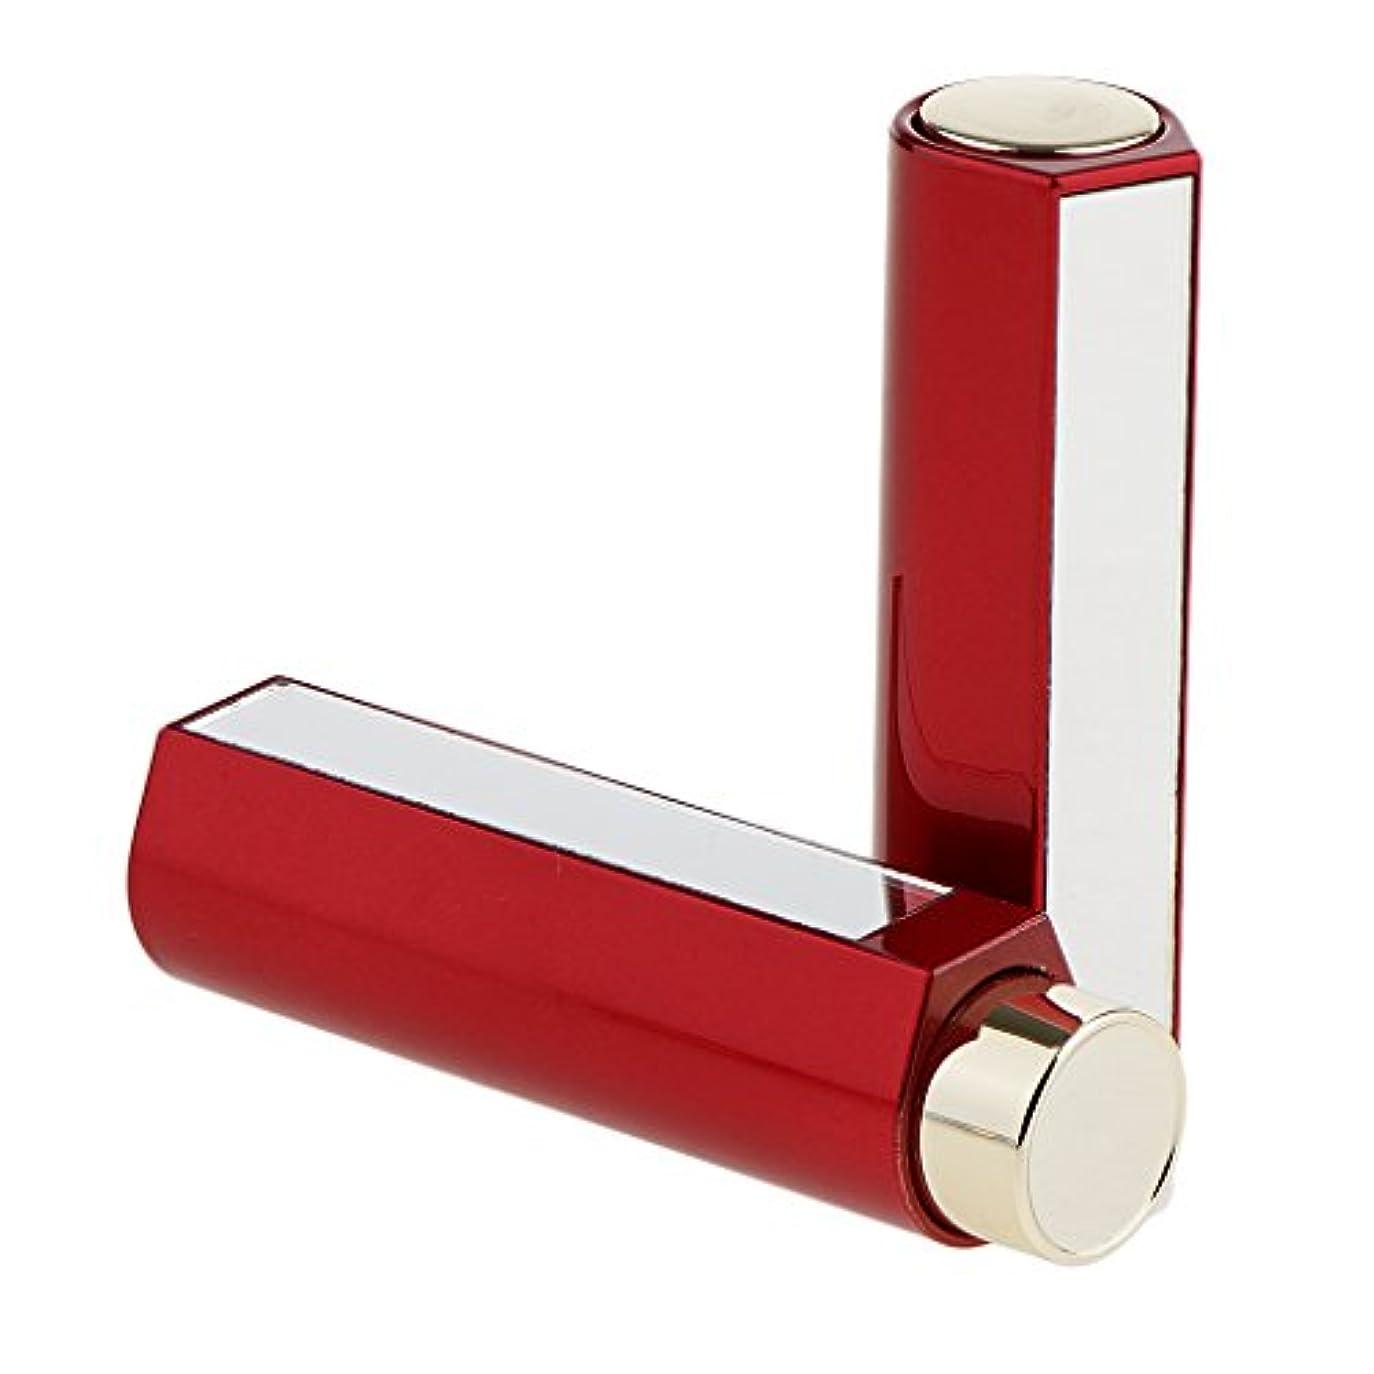 可能性八はげKesoto 2本 空チューブ コスメ用詰替え容器 リップスティック 口紅チューブ 12.1MM口紅チューブ用 リップクリーム DIY メイクアップ 2色選べる - 赤